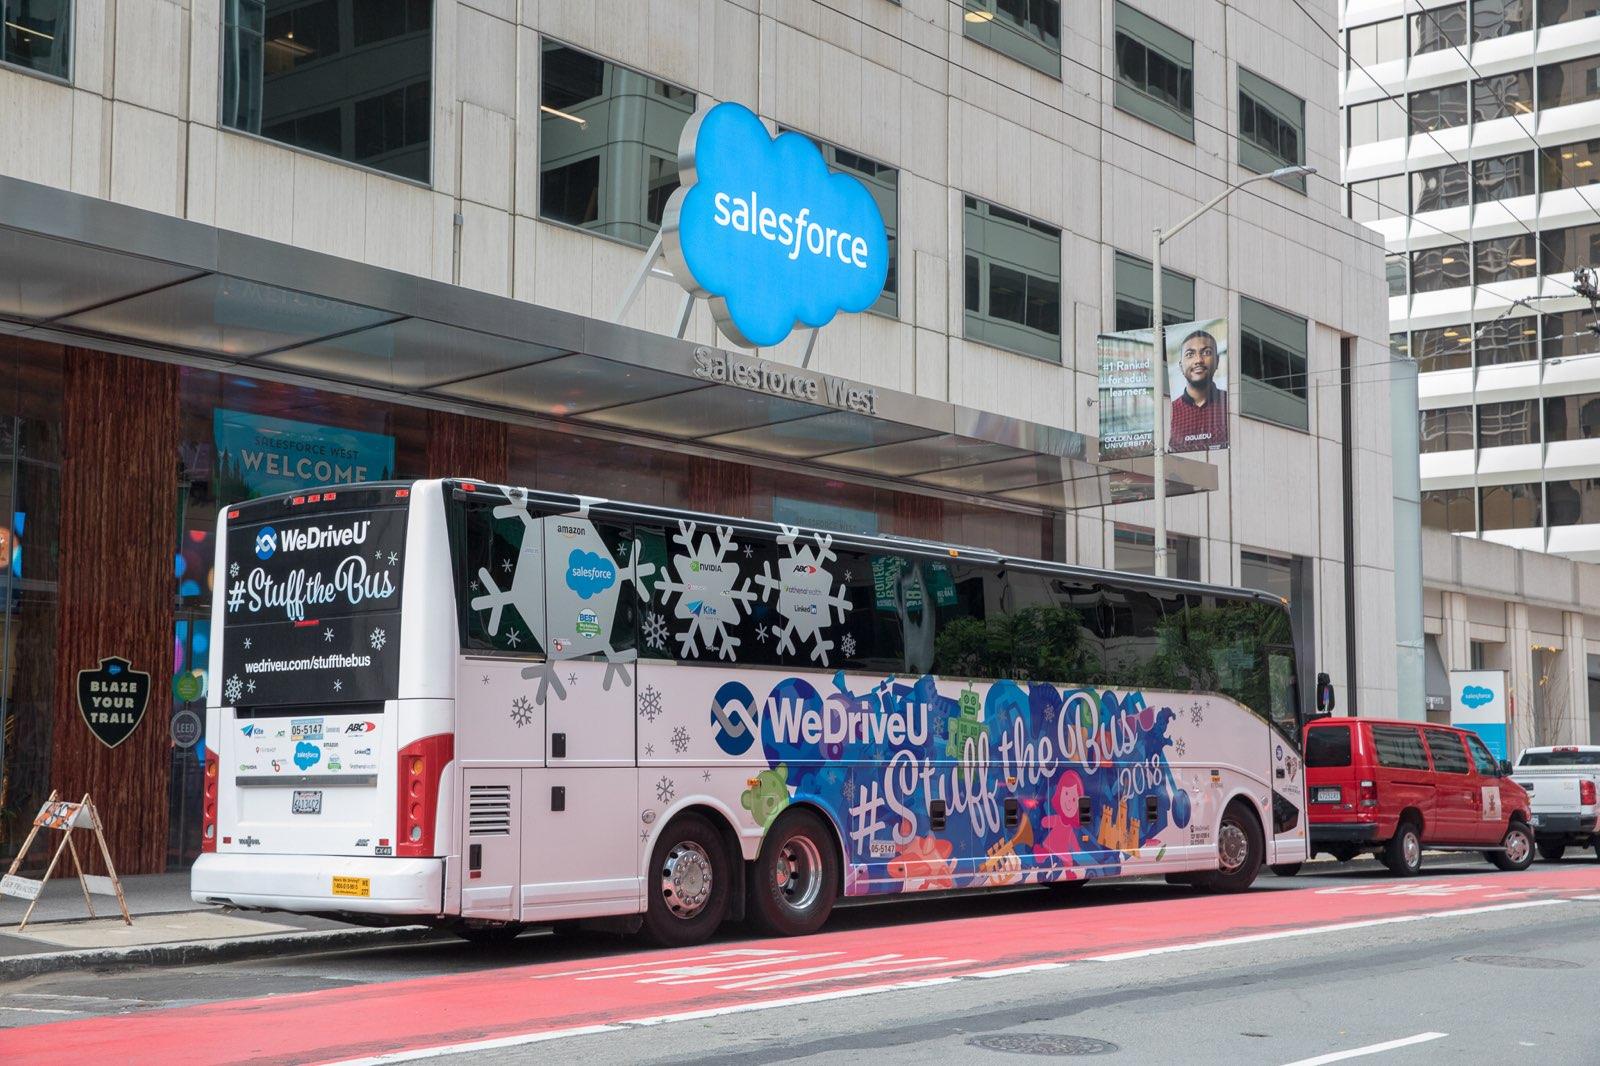 WeDriveU Stuff the Bus